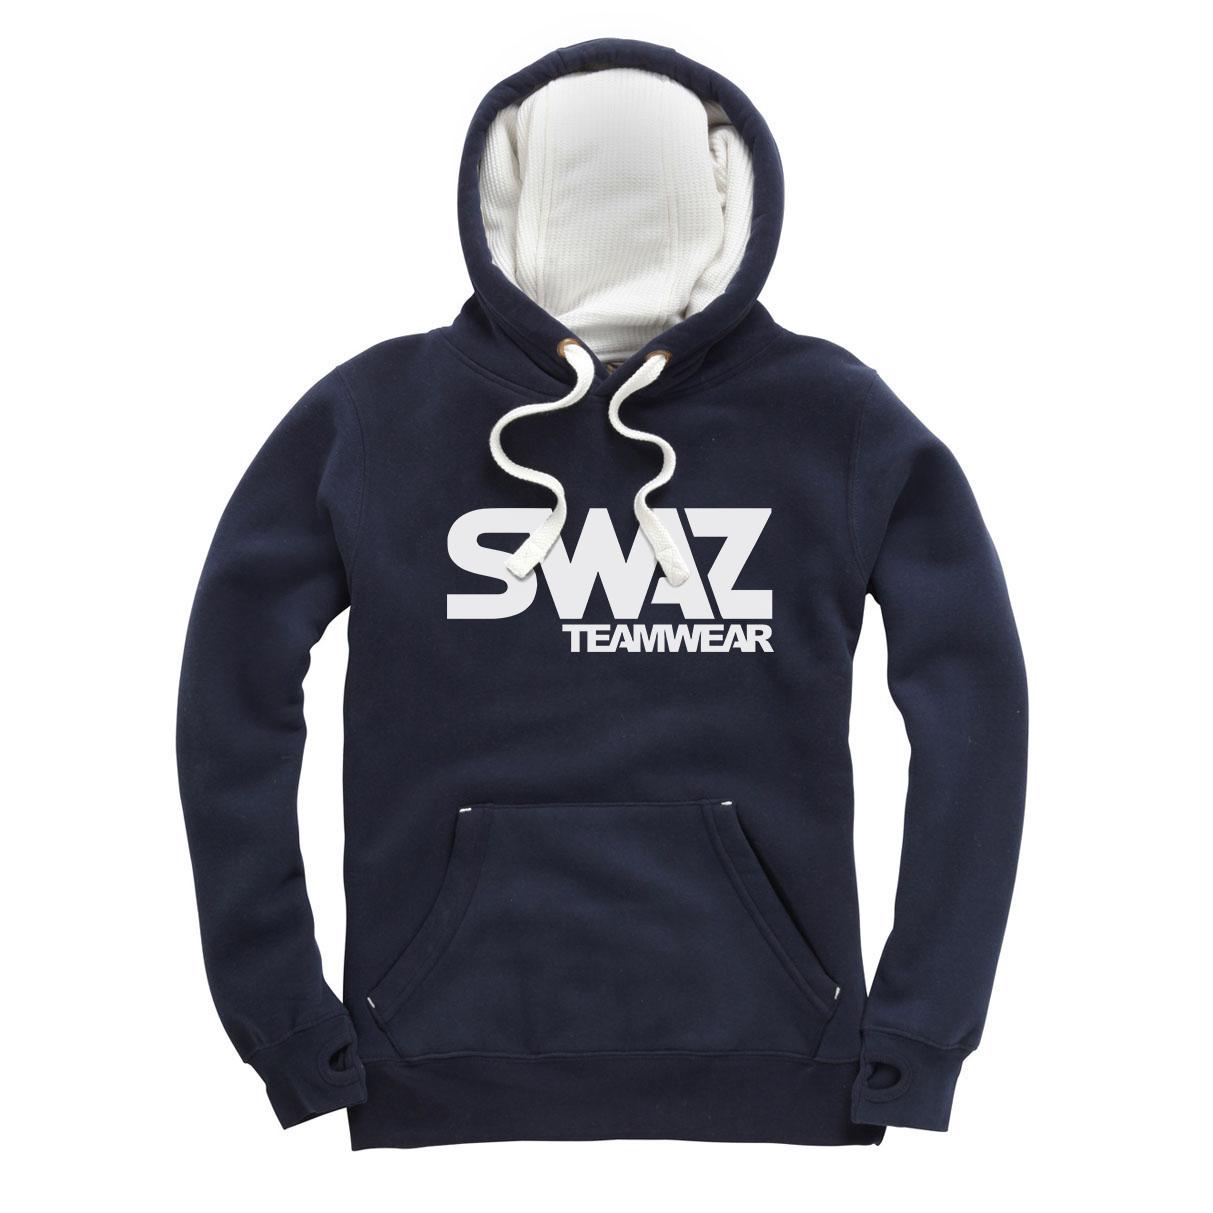 SWAZ Teamwear Classic Hoody – French